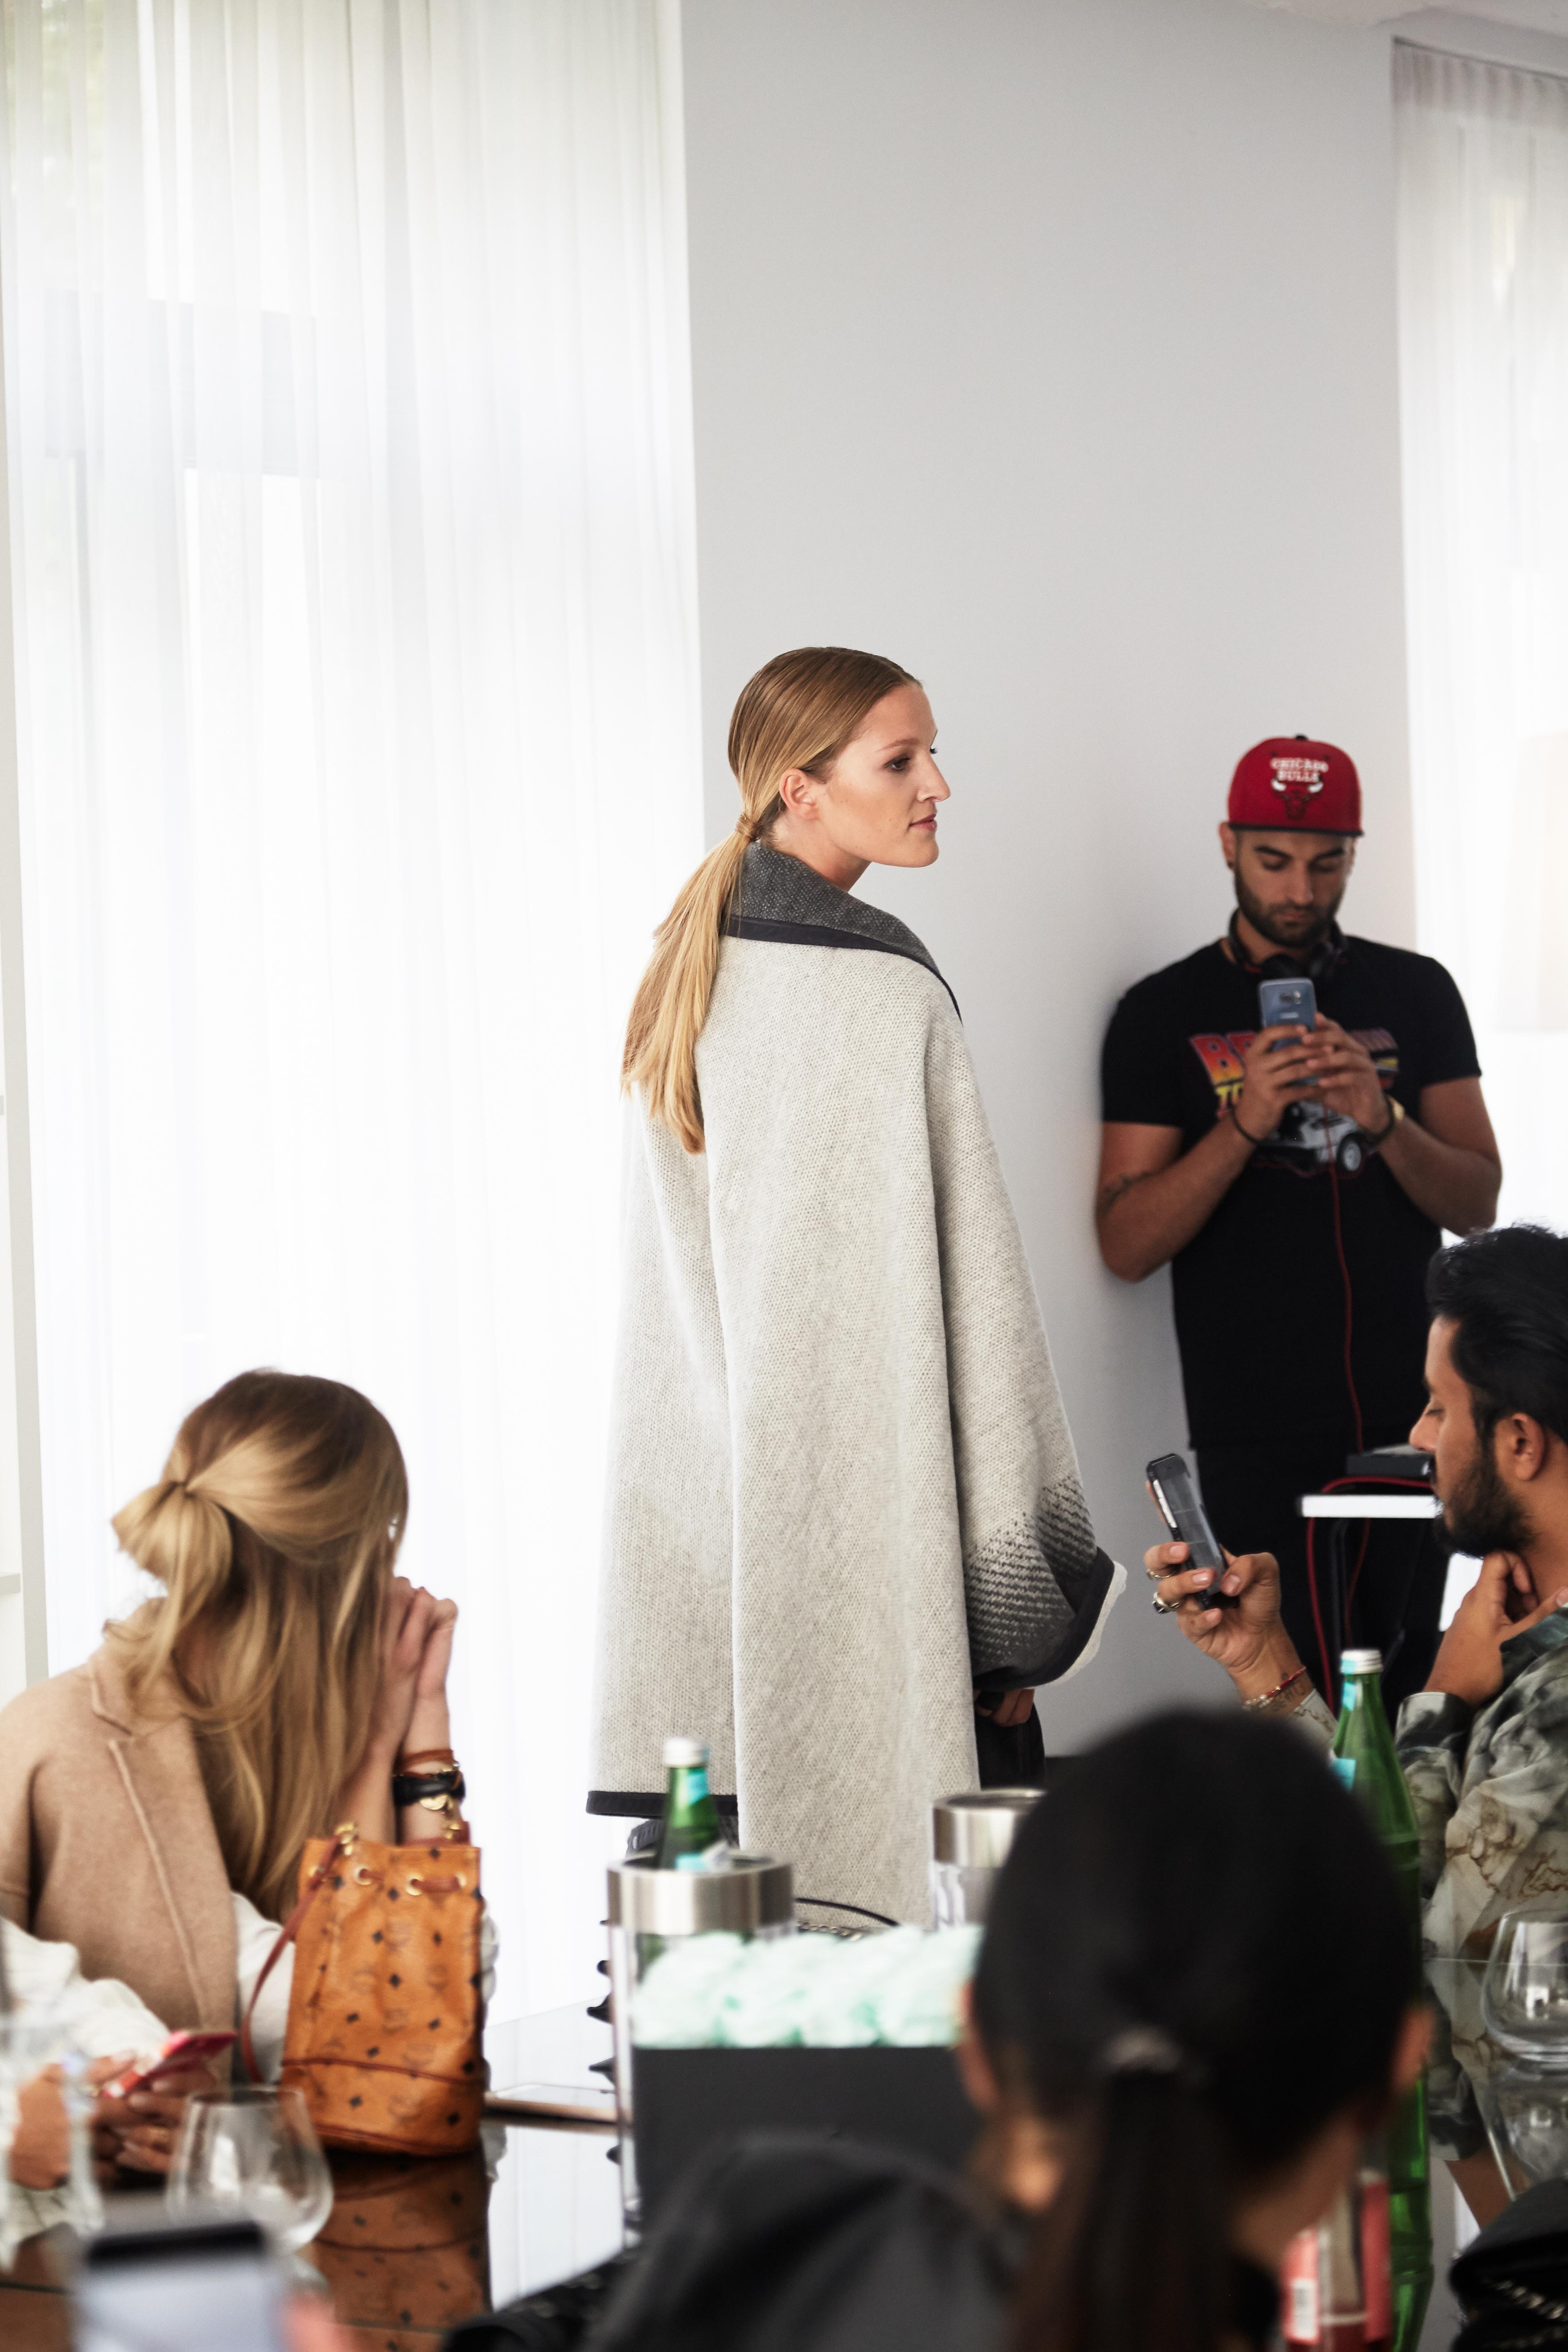 Fashioncircuz by Jenny 39a {EVENTBERICHT} #MEETDRALON IN DER ALTEN ZIGARRENFABRIK KÖLN